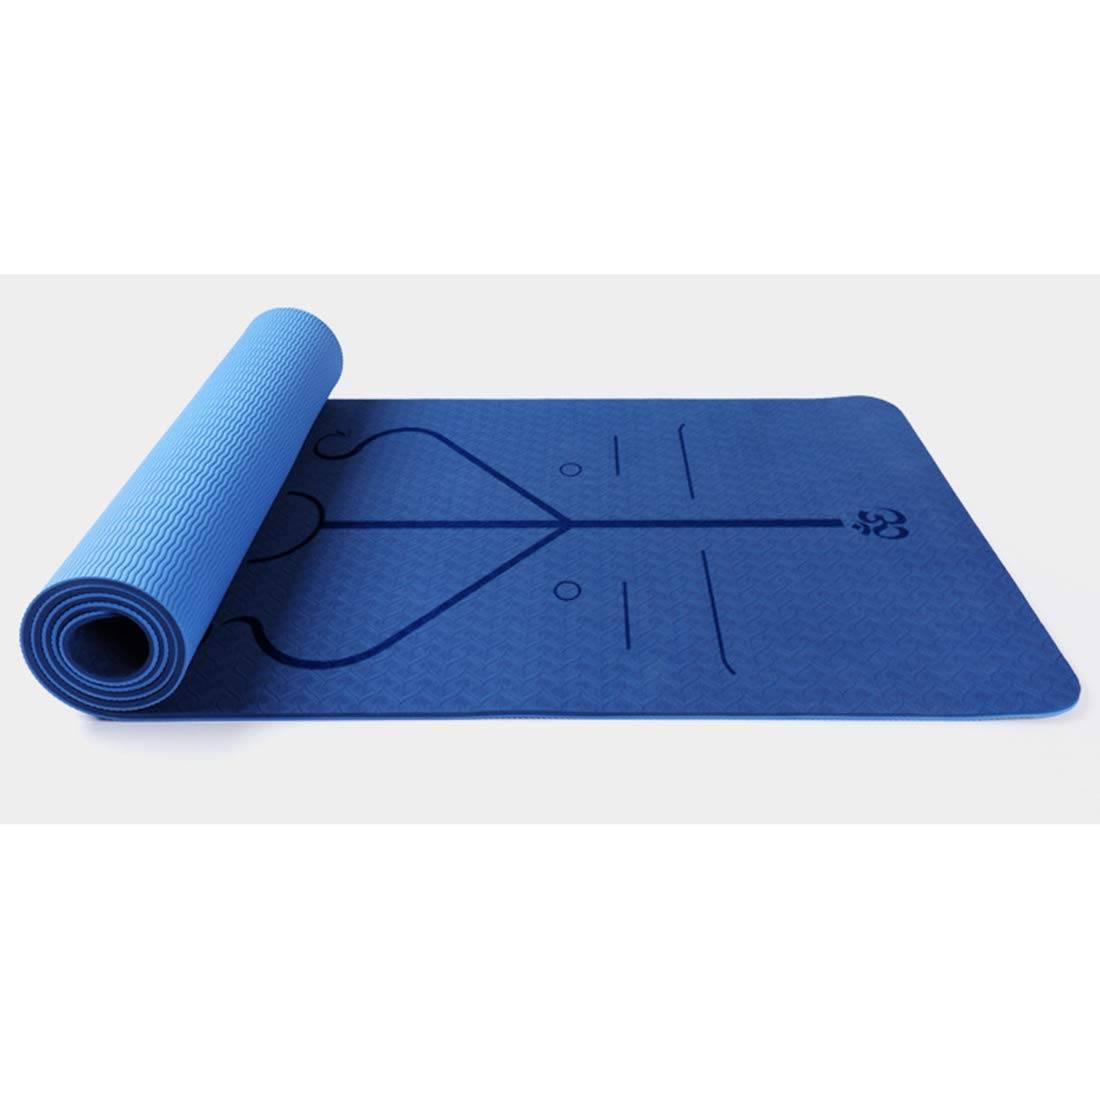 Как правильно выбрать коврик для йоги: 7 параметров